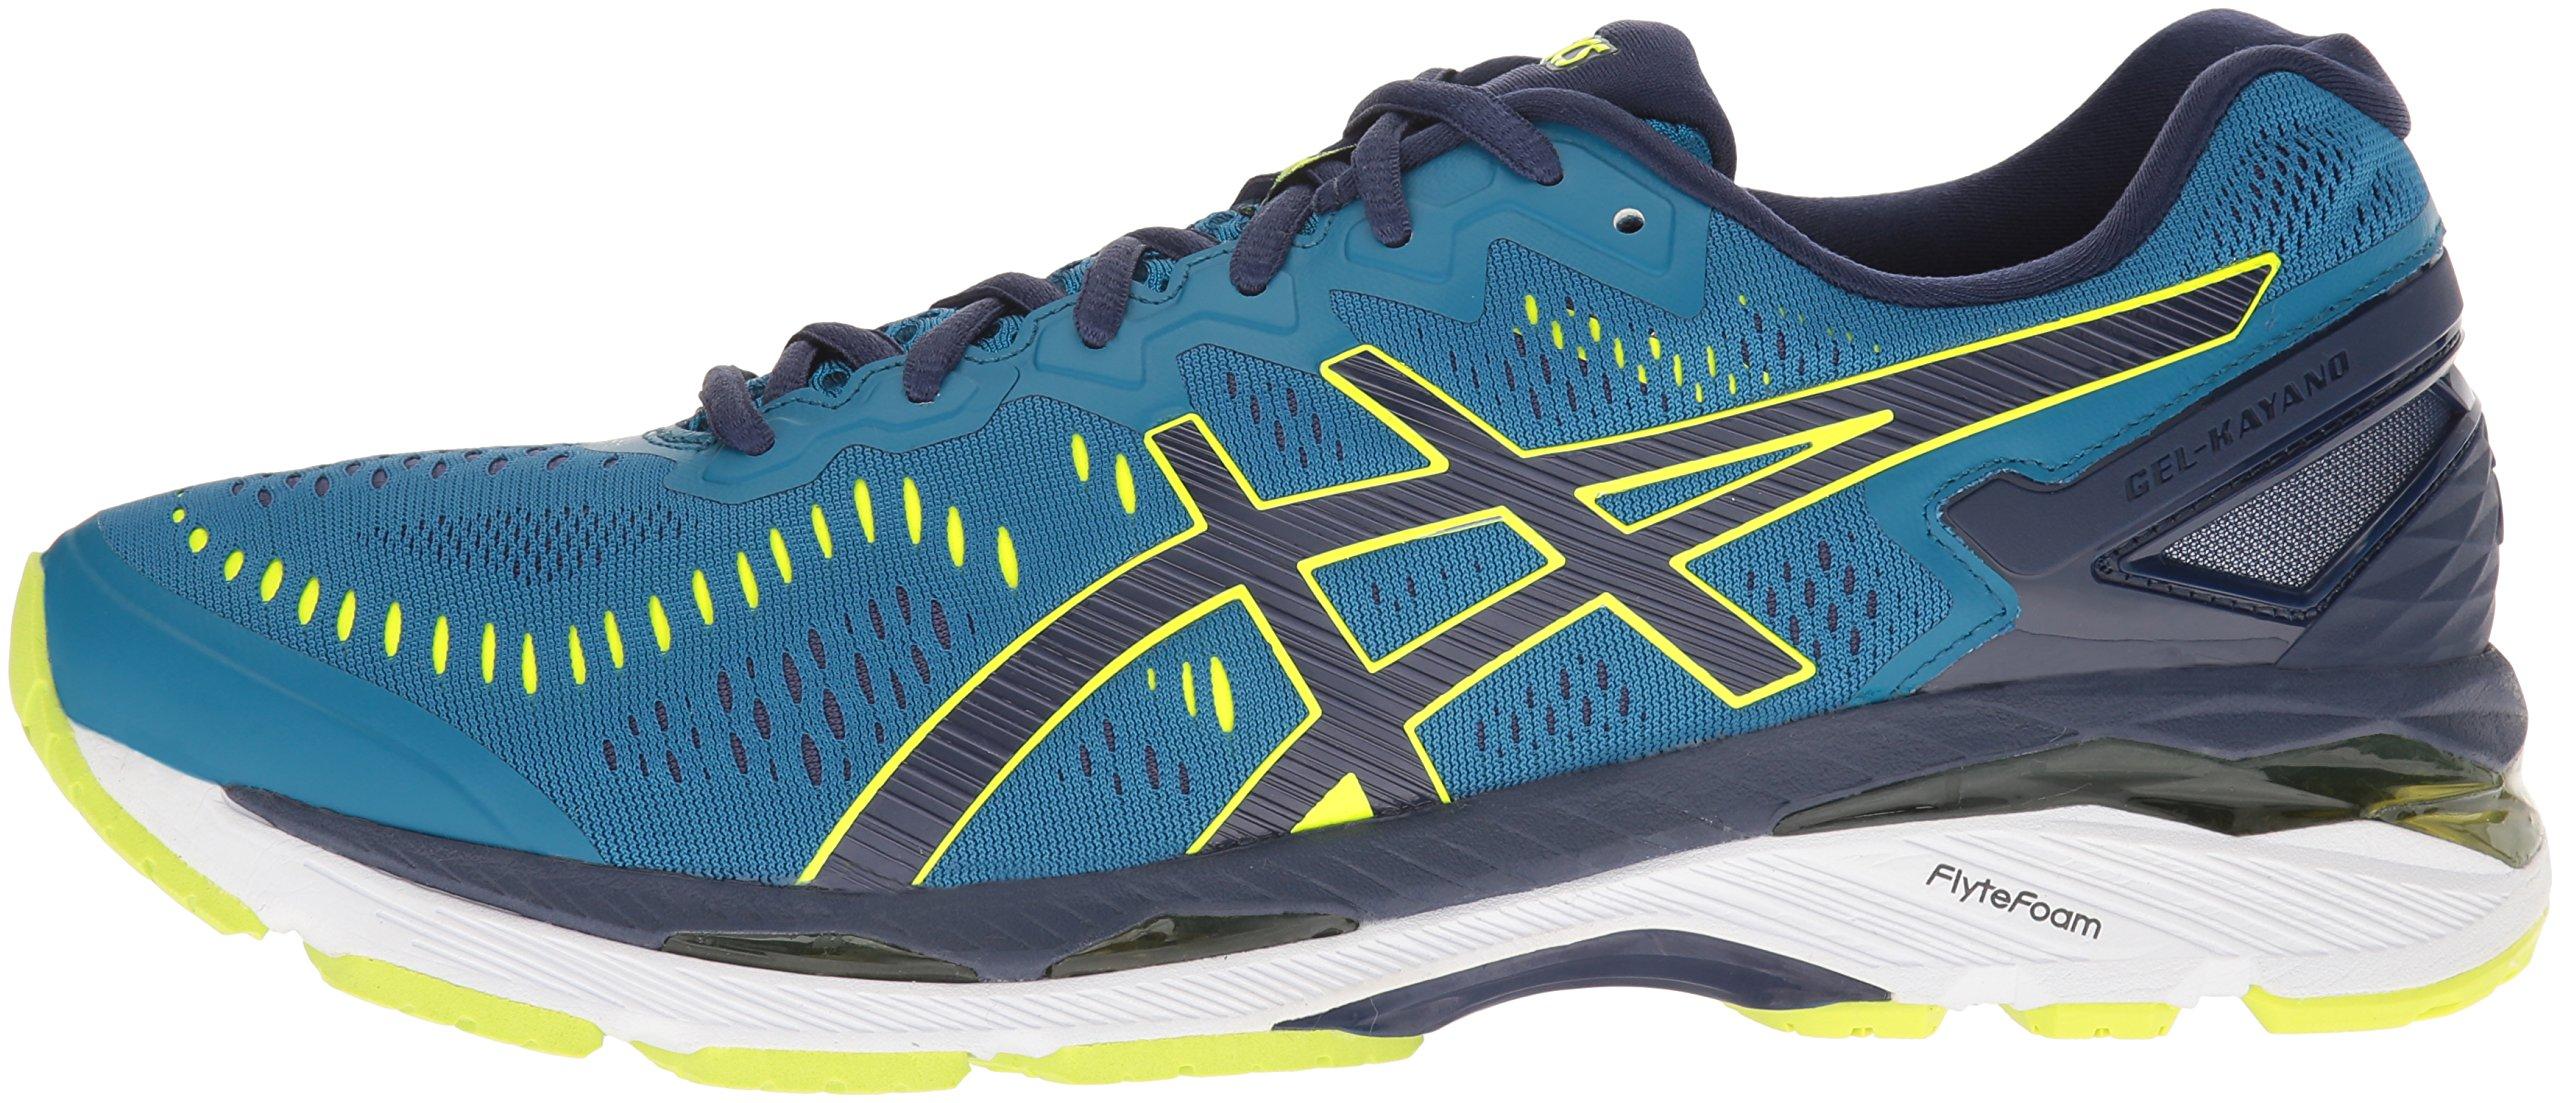 81o4hLGcjML - ASICS Men's Gel-Kayano 23 Running Shoe